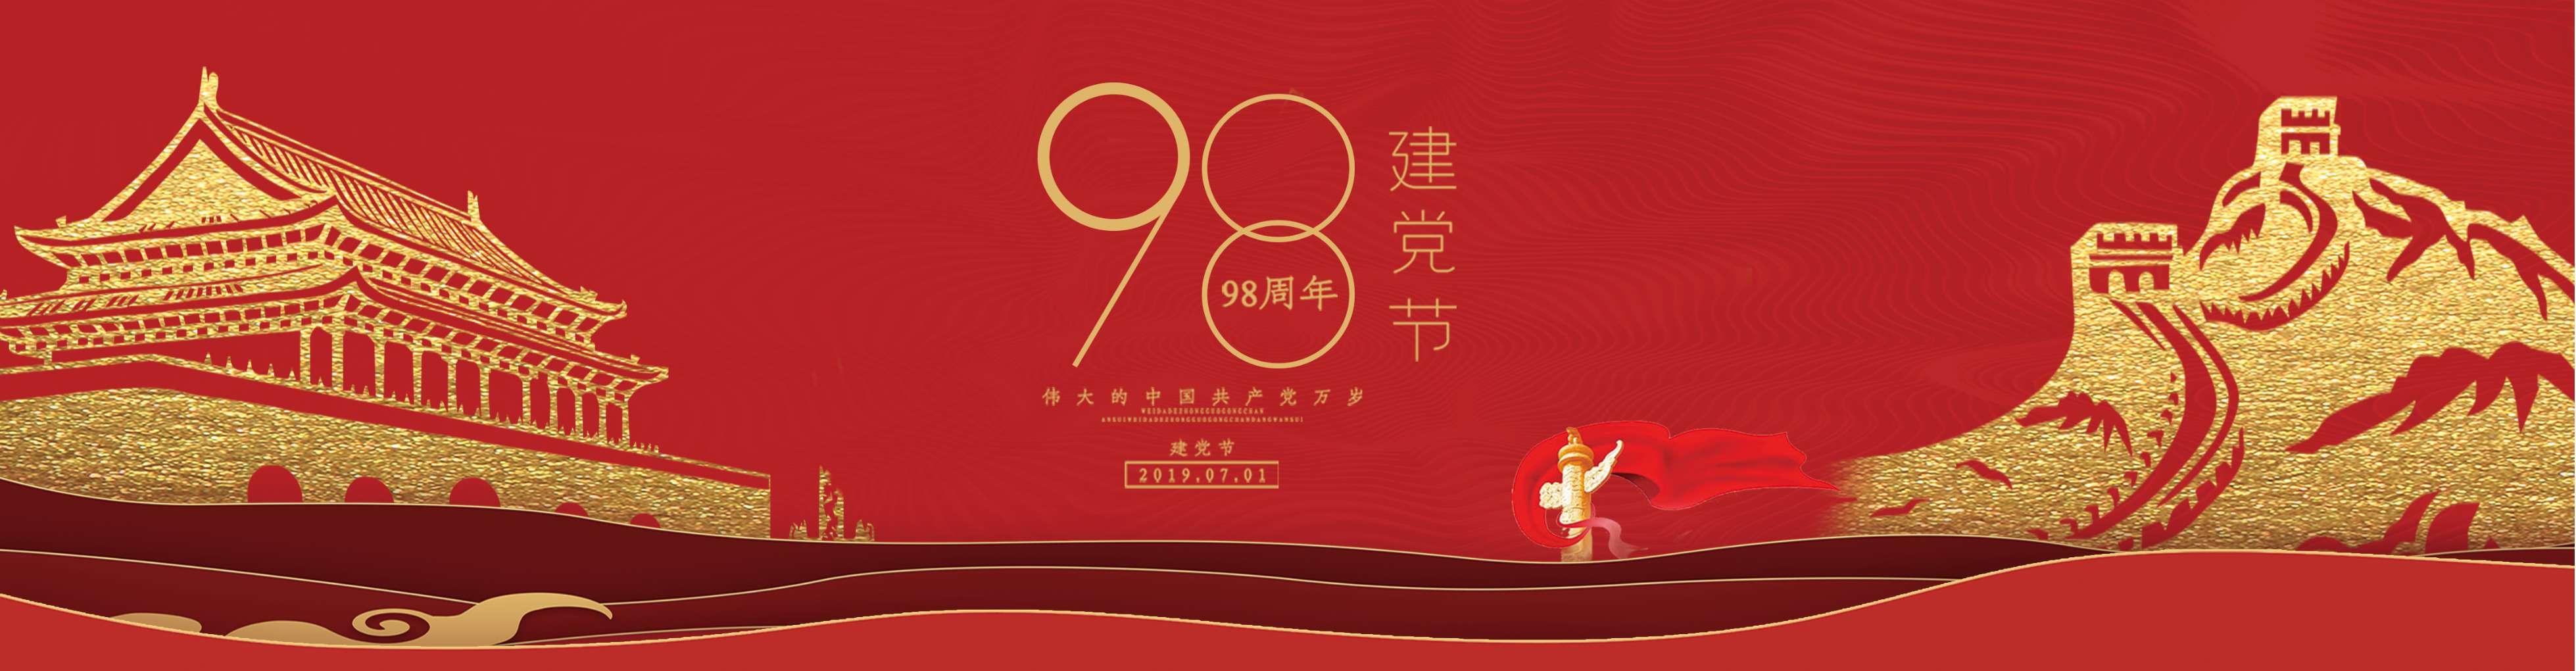 中国共产党成立98周年 1921- 2019